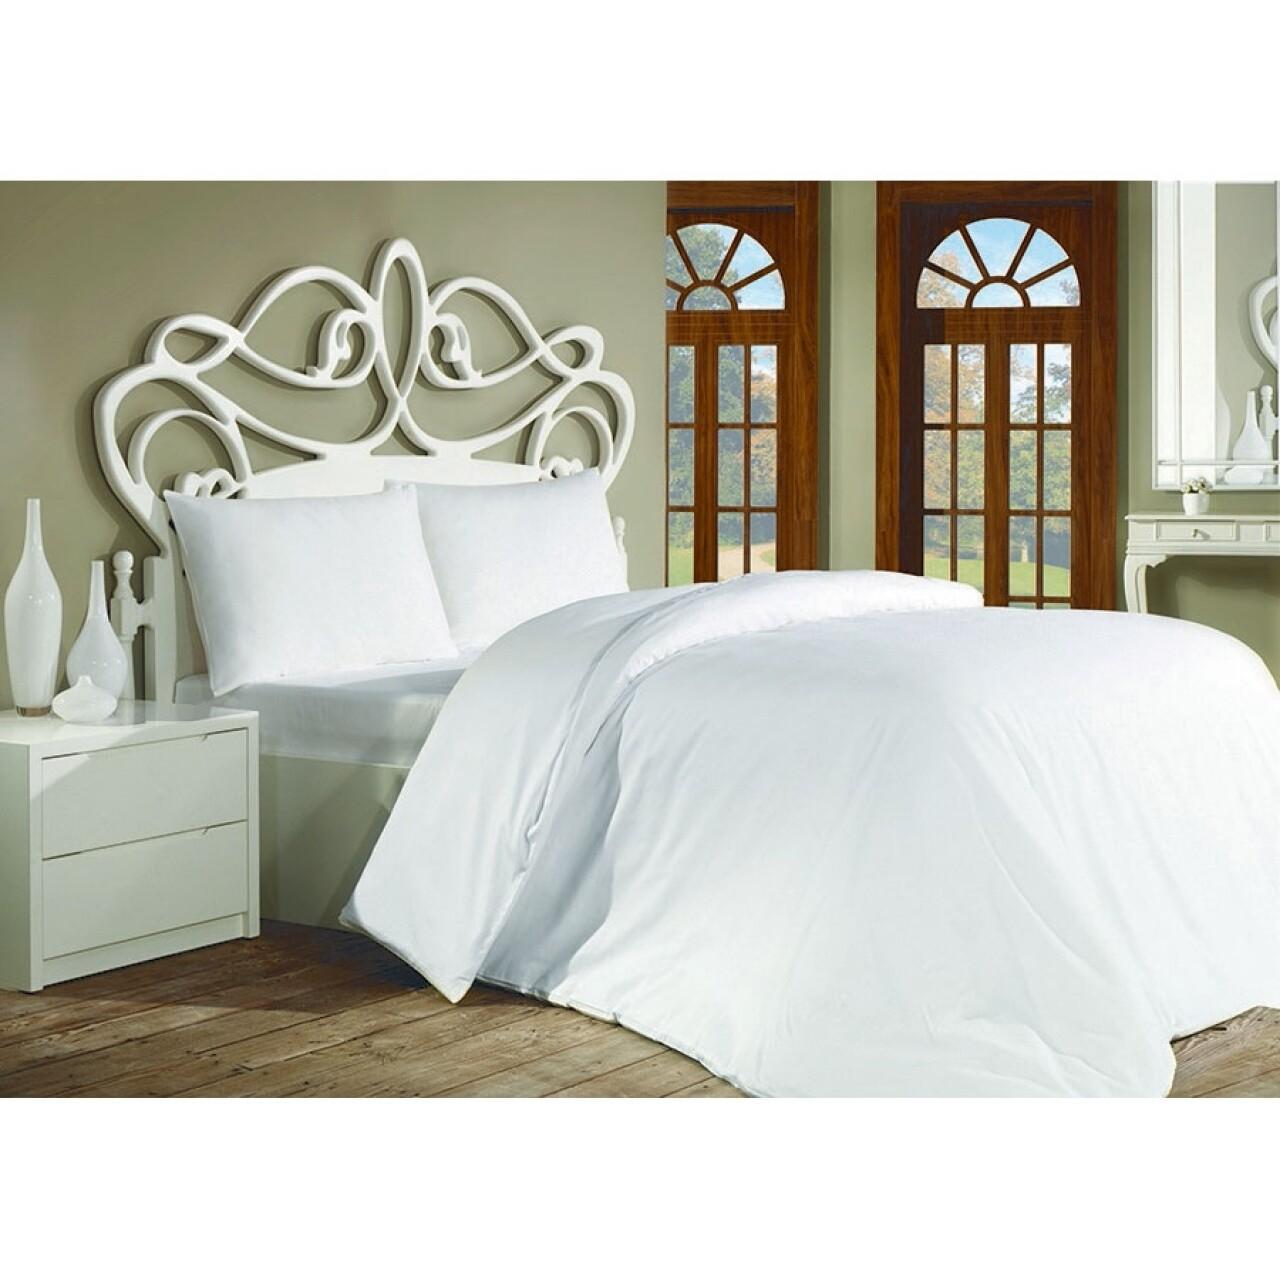 Lenjerie de pat double Plain White